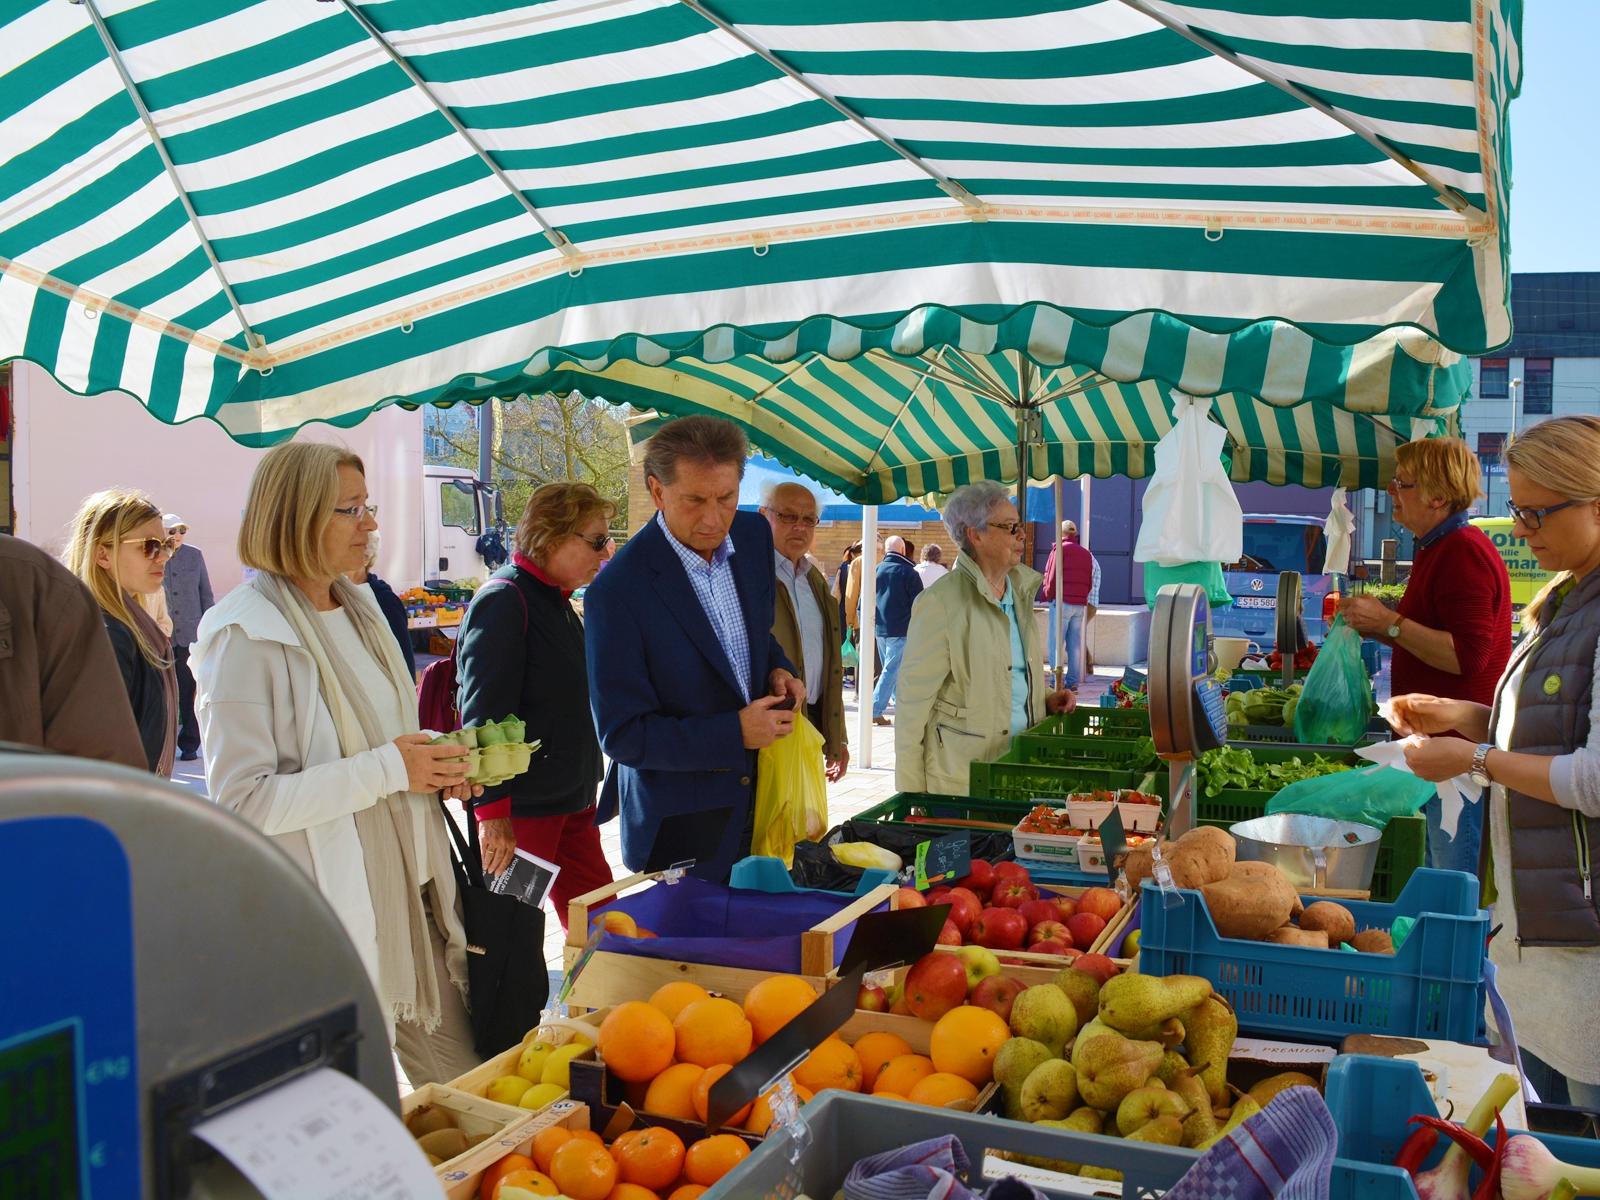 Der Wochenmarkt hat auf dem Schlossplatz einen ideale Heimat gefunden